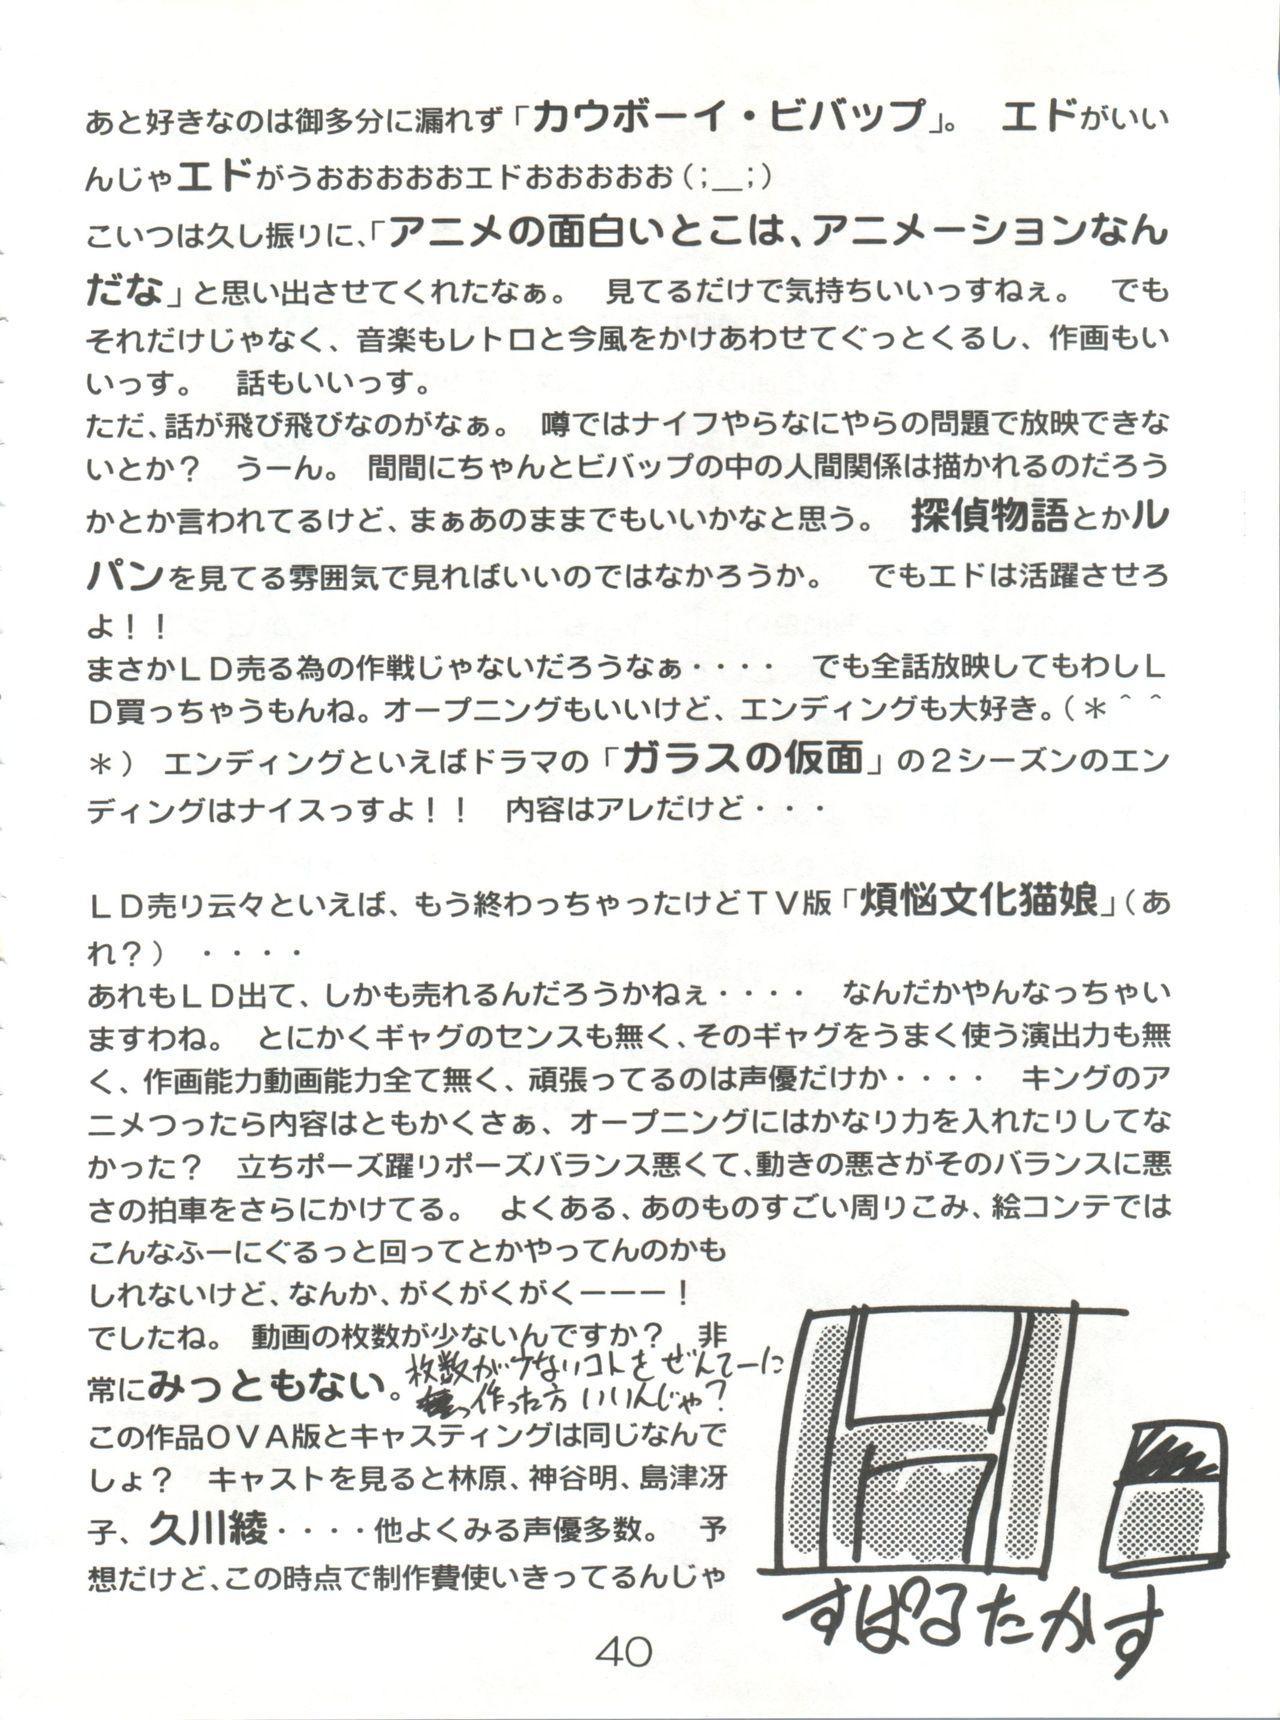 Mahou no Okusuri 38